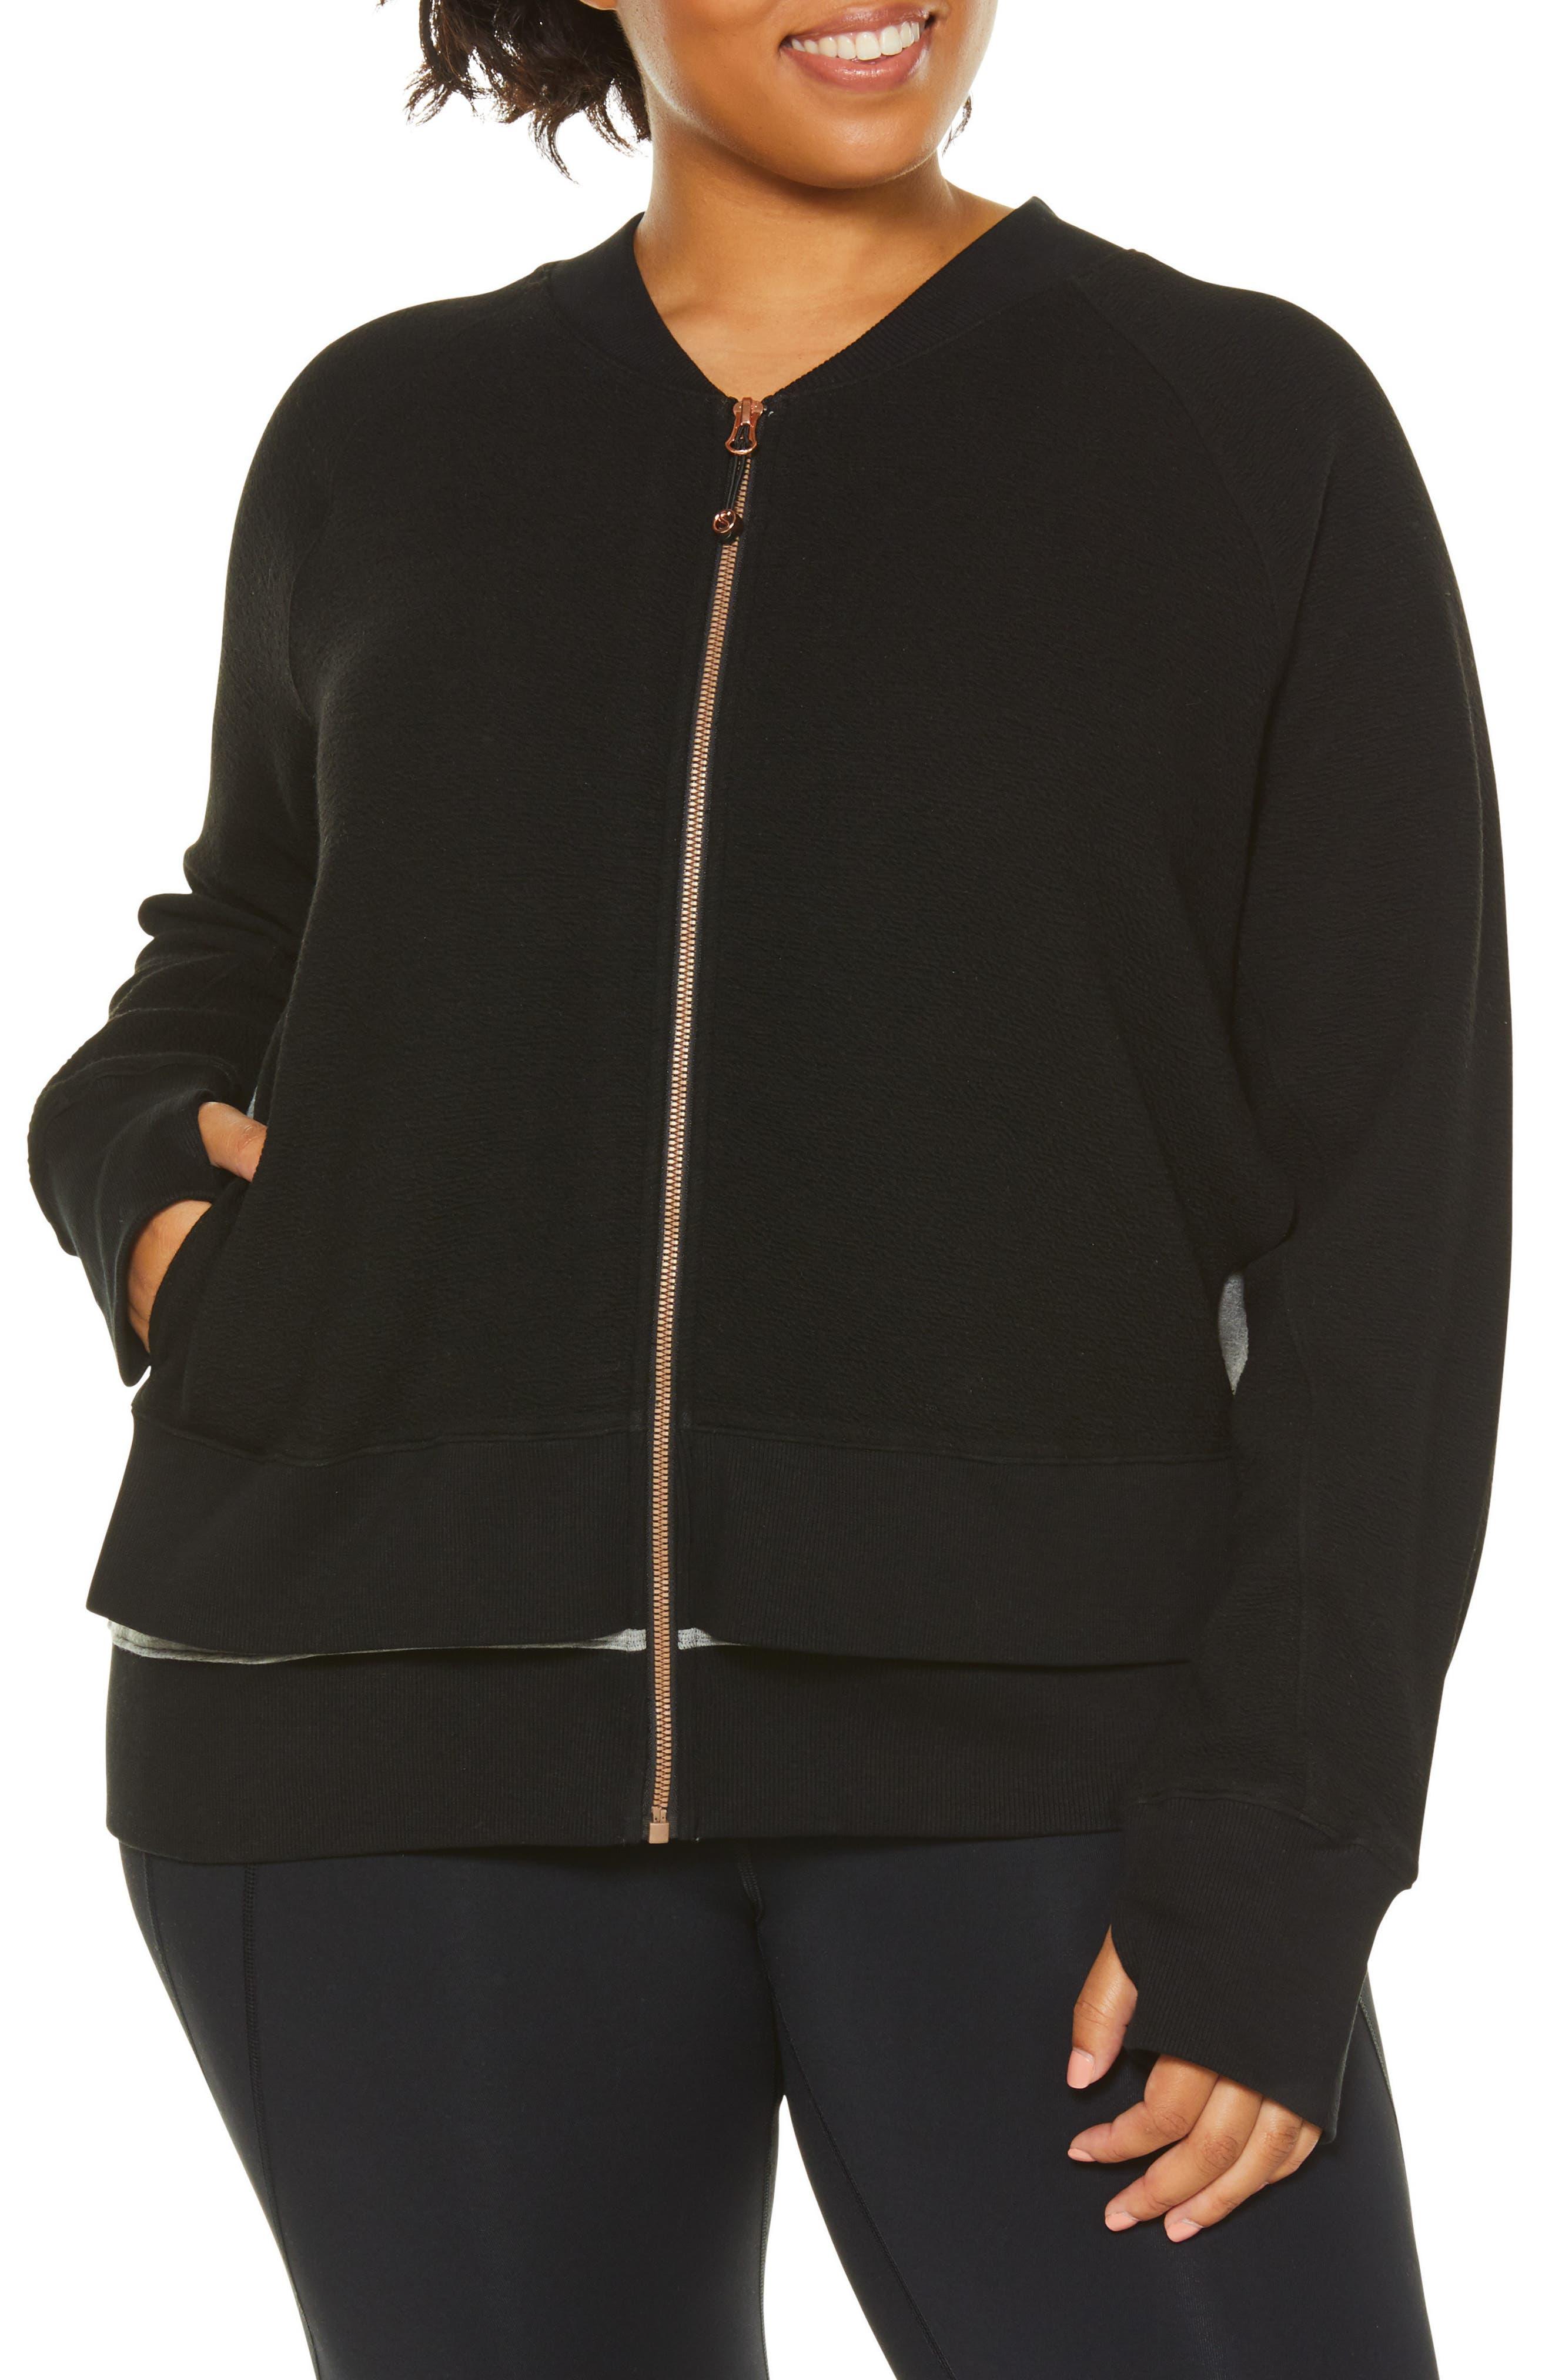 Plus Size Shape Activewear Sublime Double Layer Jacket, Black